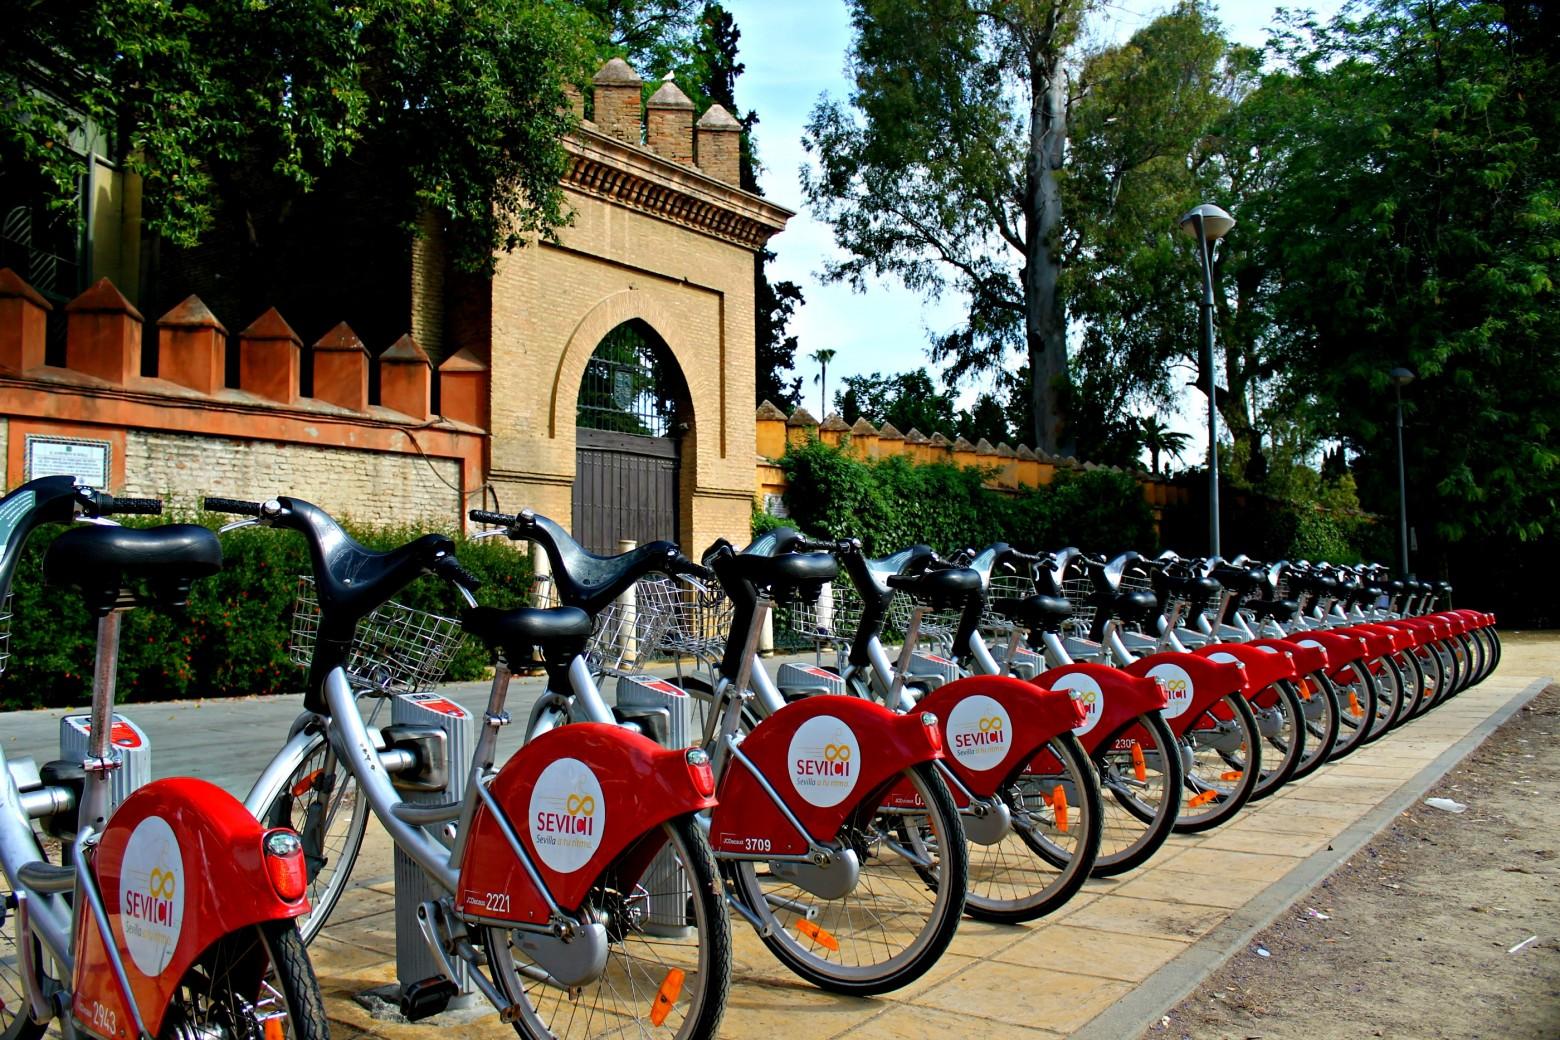 uso-carril-bici-europa/